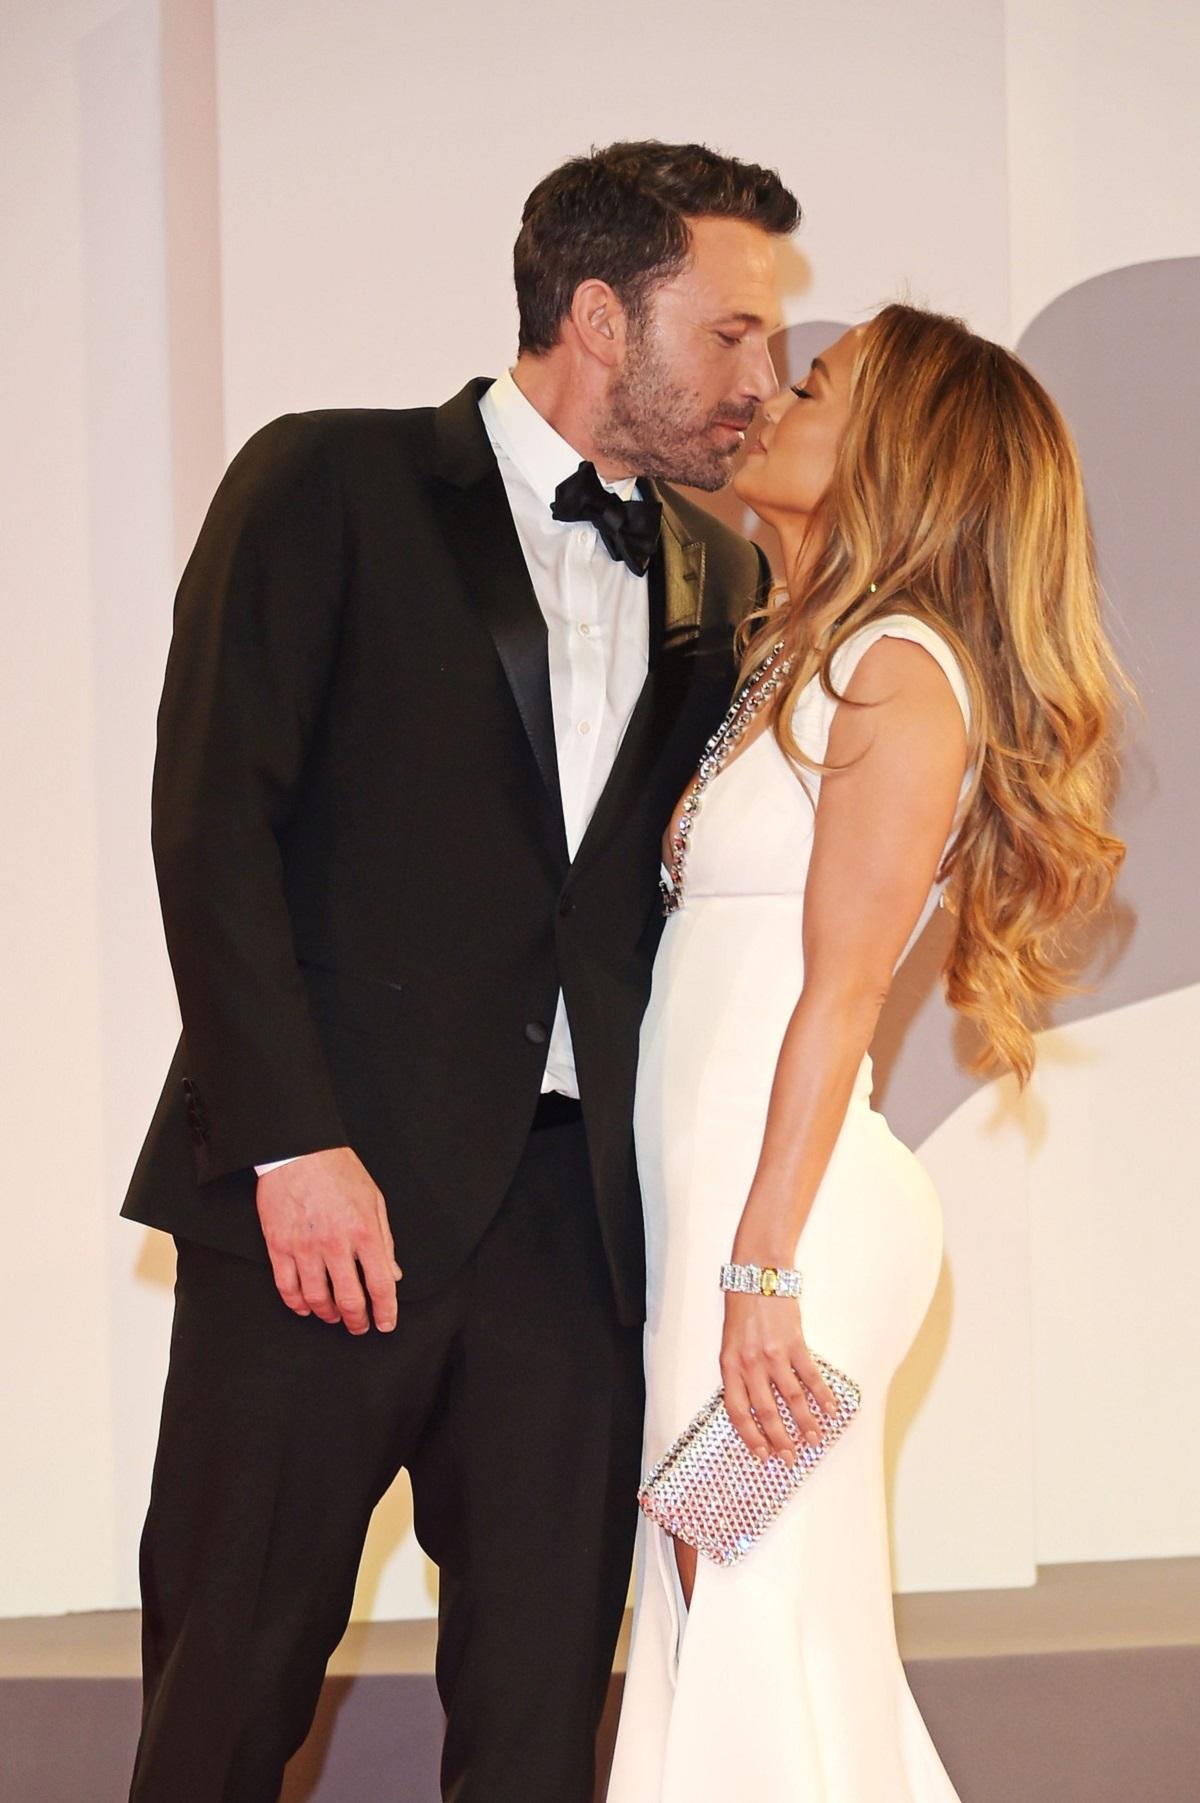 Ben Affleck la costum negru în timp ce o sărută pe Jennifer Lopez care poartă o rochie albă lungă